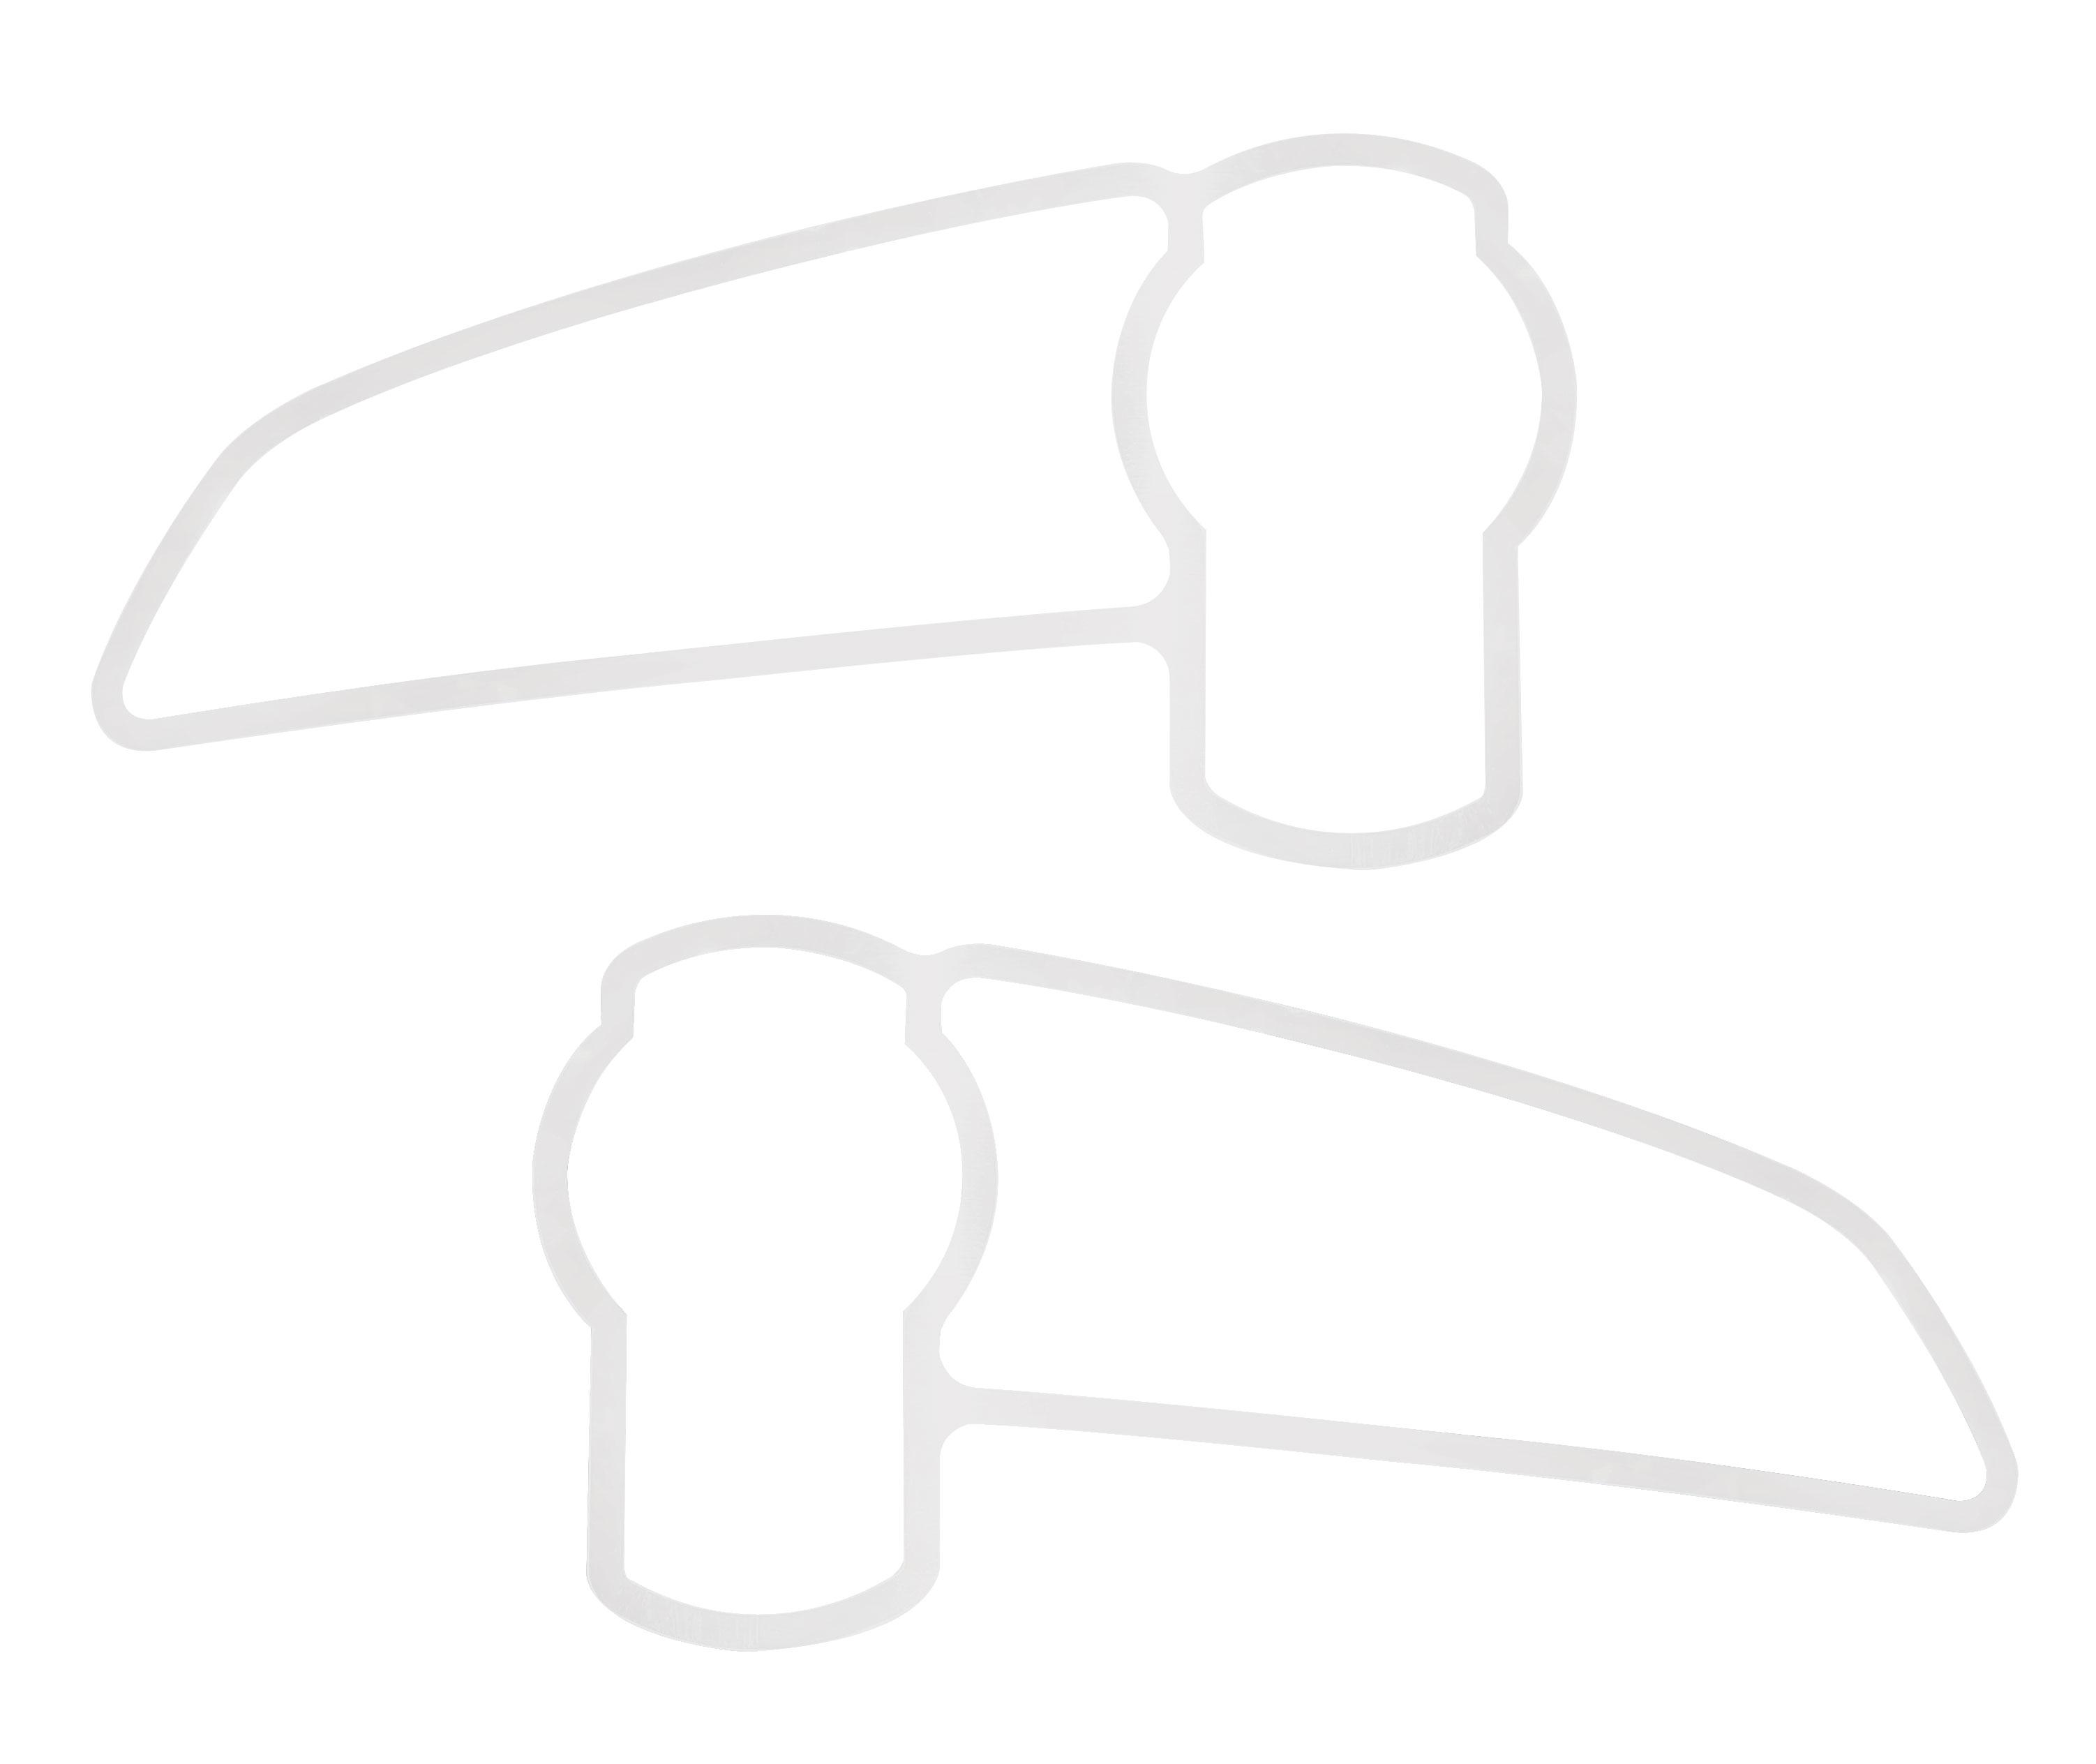 kenworth  air cleaners  u0026 accessories